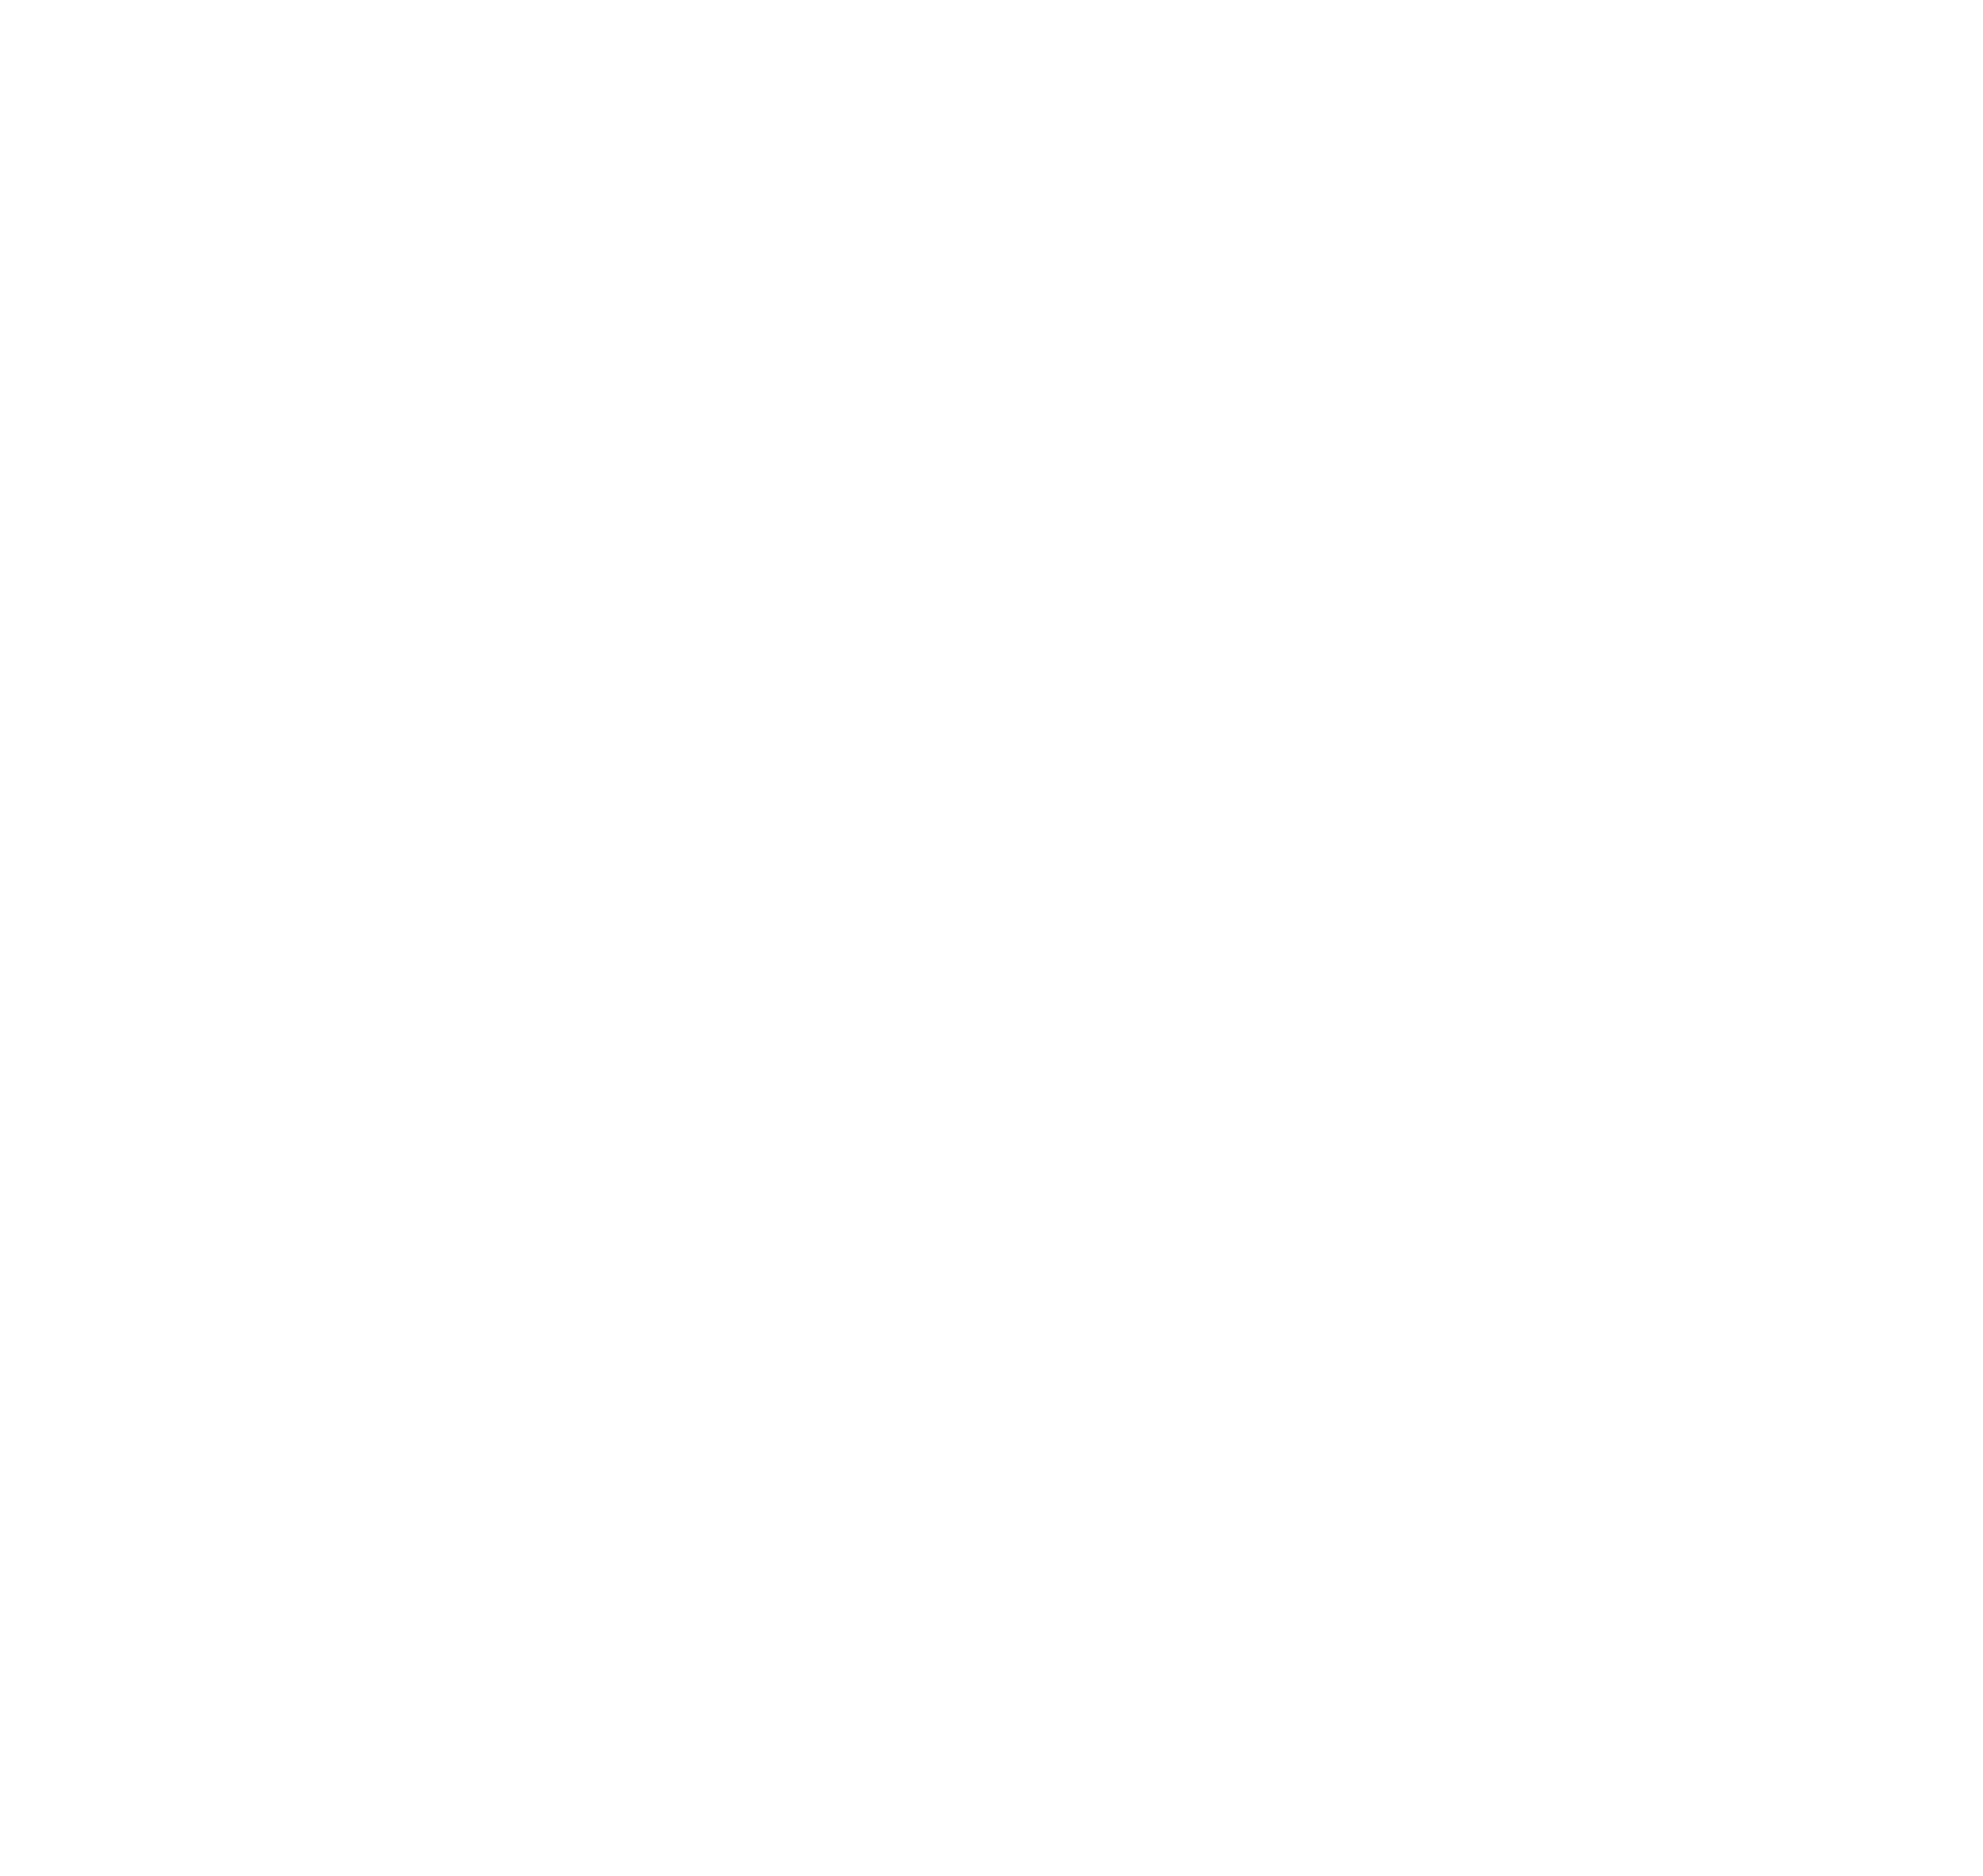 IATSE Advocacy